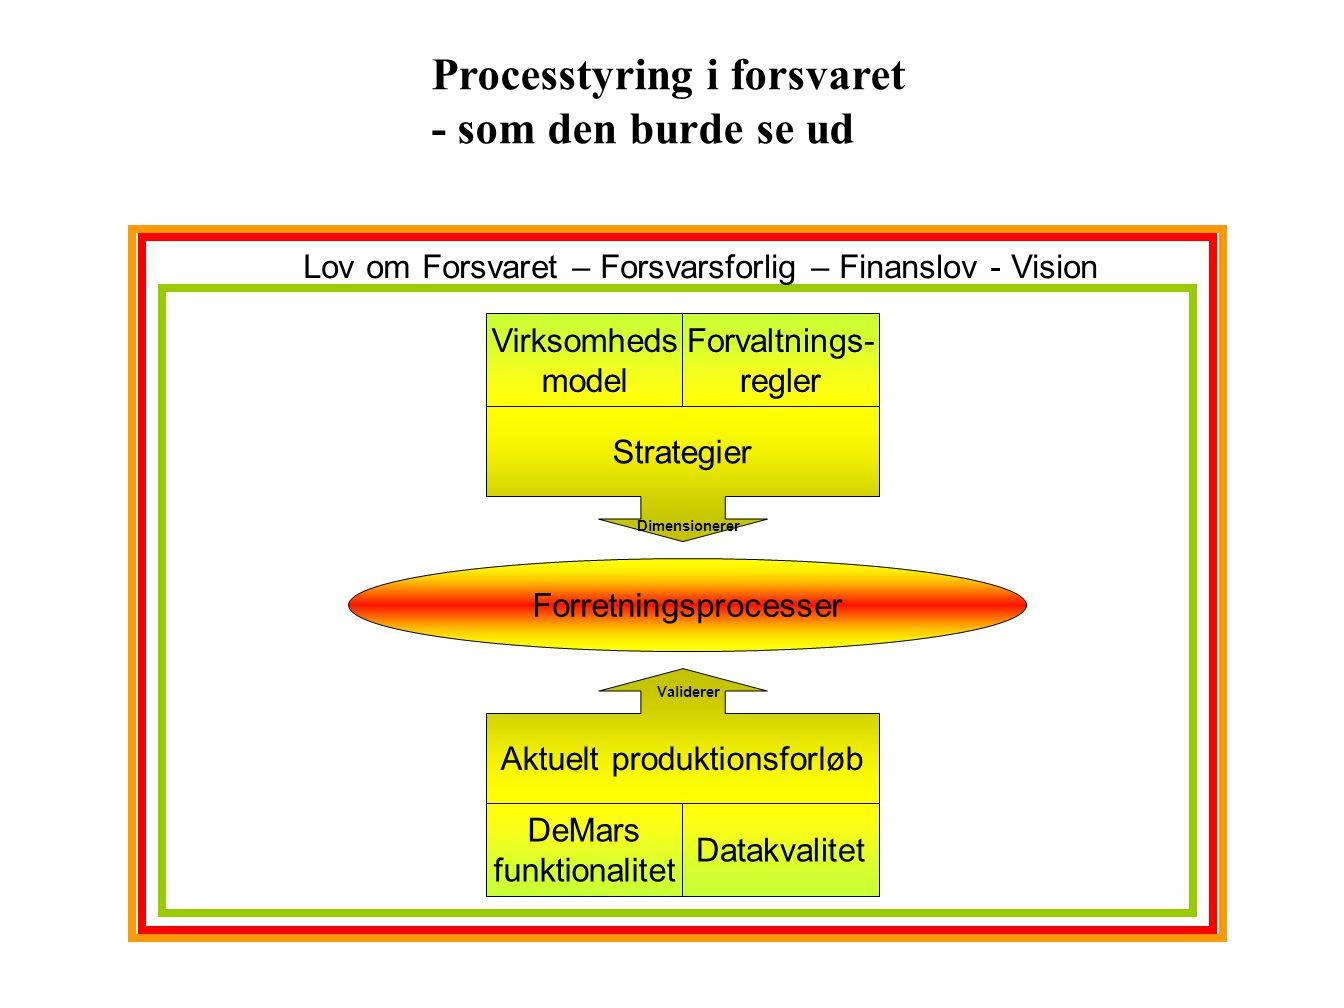 Processtyring i forsvaret - som den burde se ud